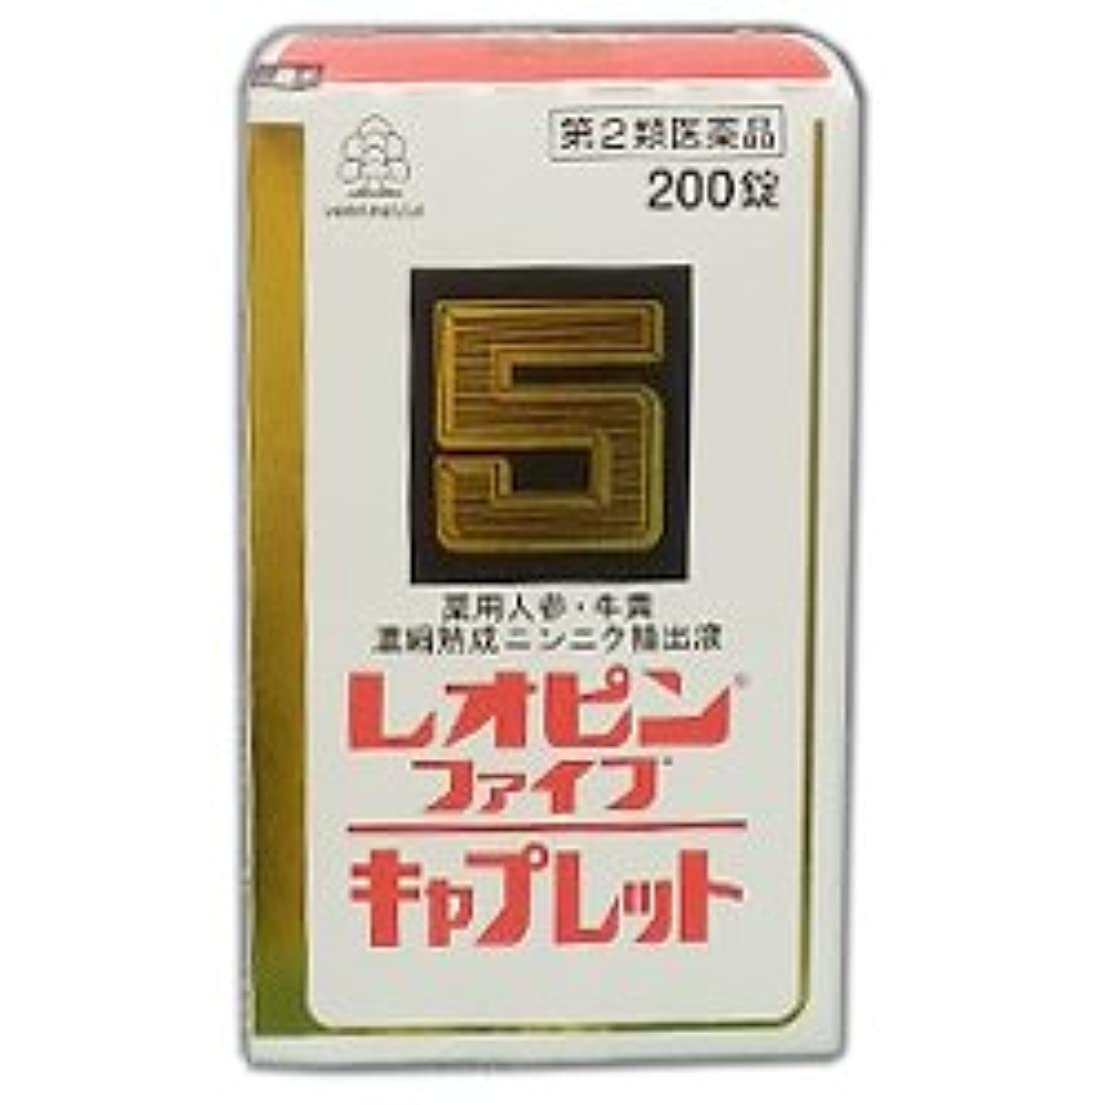 殉教者活気づく事実上【第2類医薬品】レオピンファイブキャプレットS 200錠